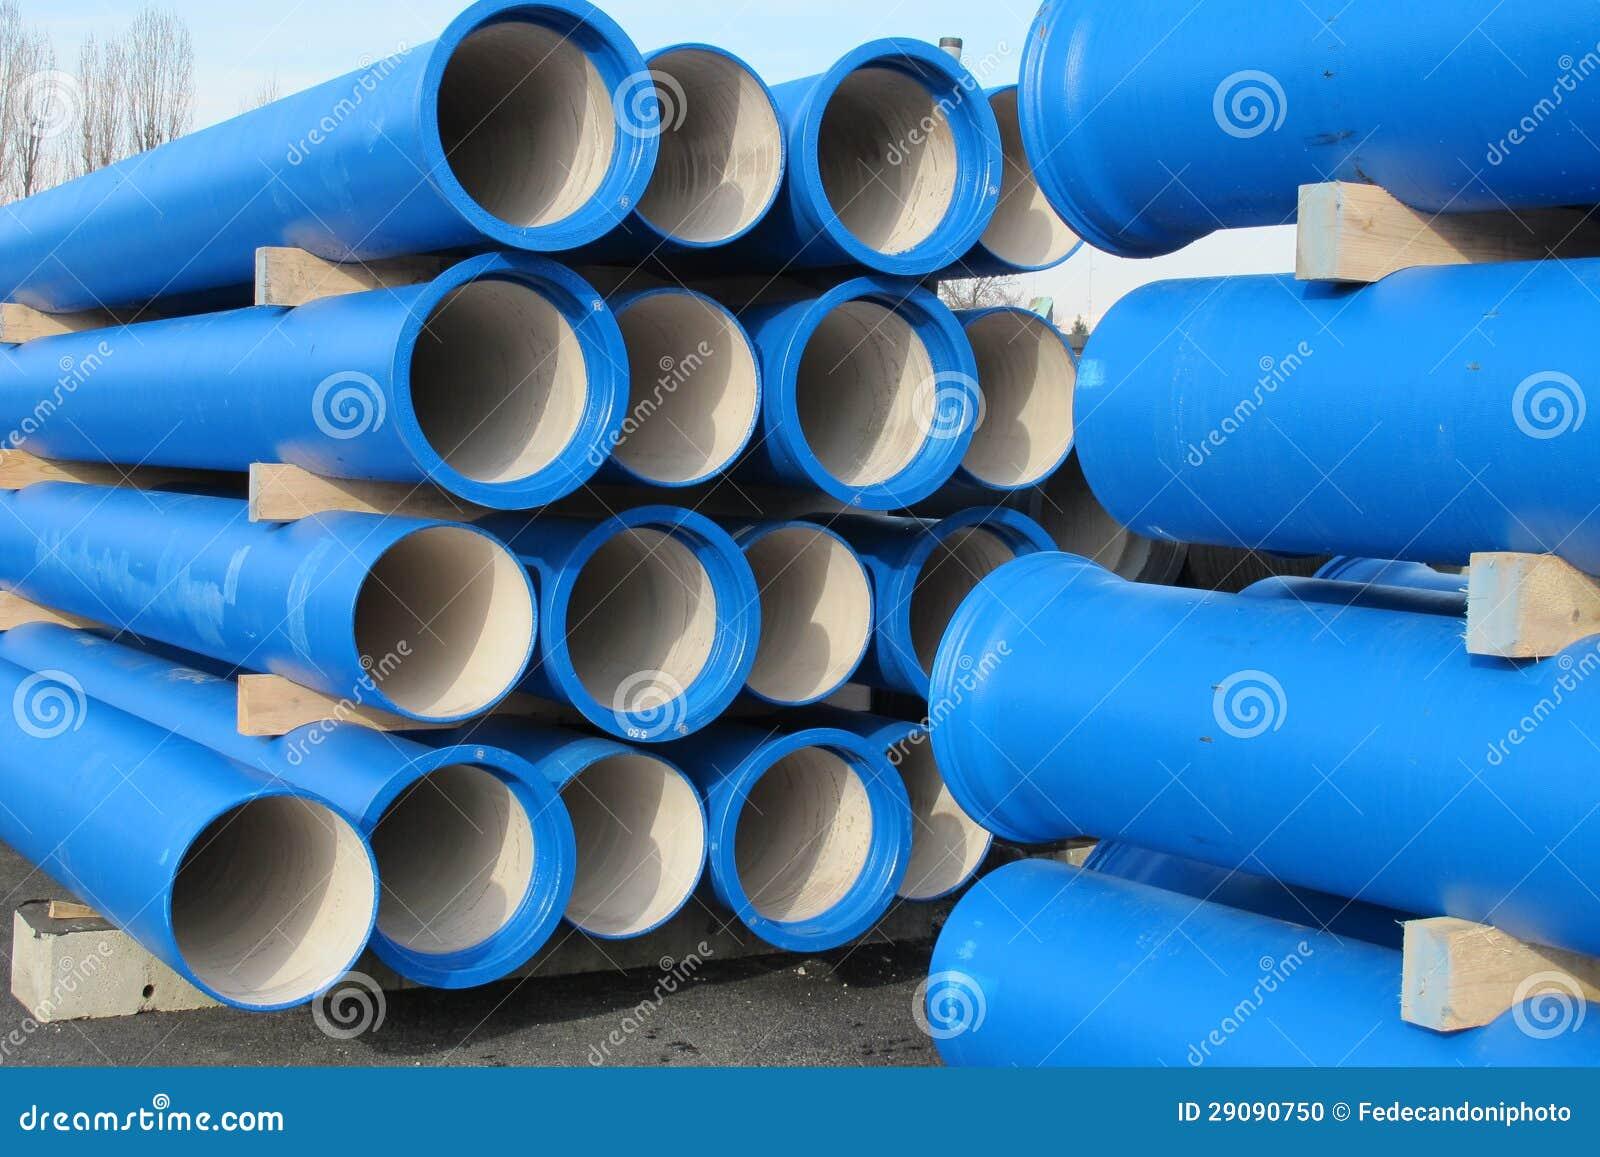 Concrete pijpen voor het vervoeren van water en riolering